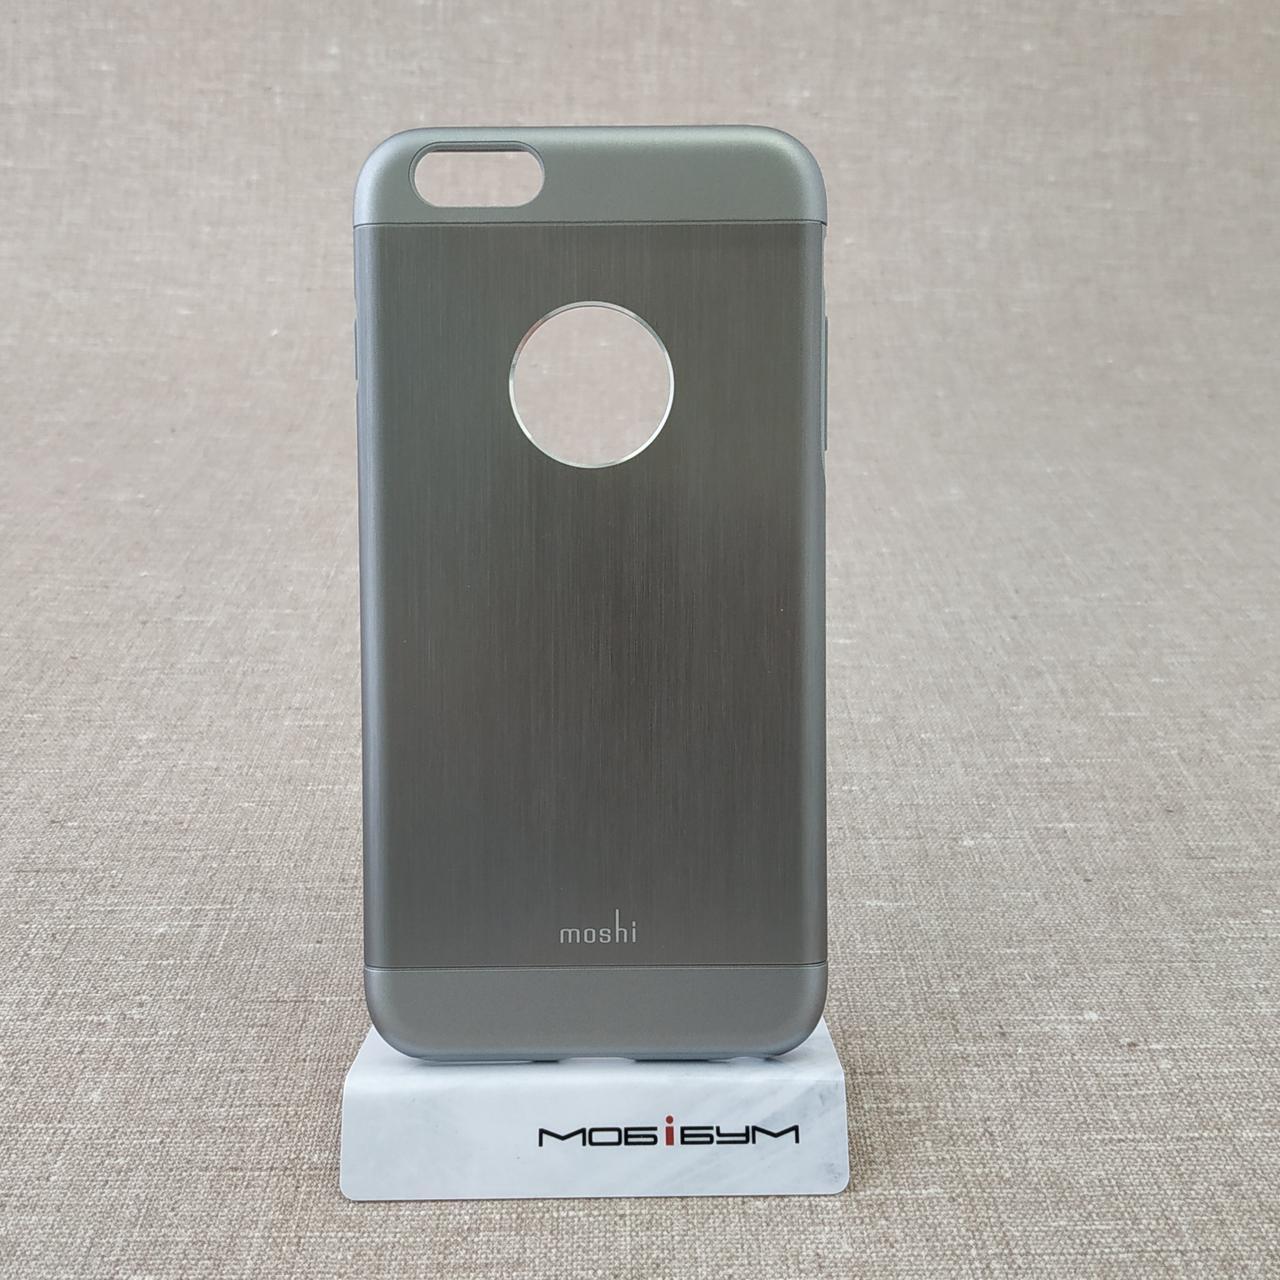 Чохол Moshi iGlaze Armour Metal iPhone 6 Plus Gun Metal grey (99MO080021) EAN / UPC: 4712052317079